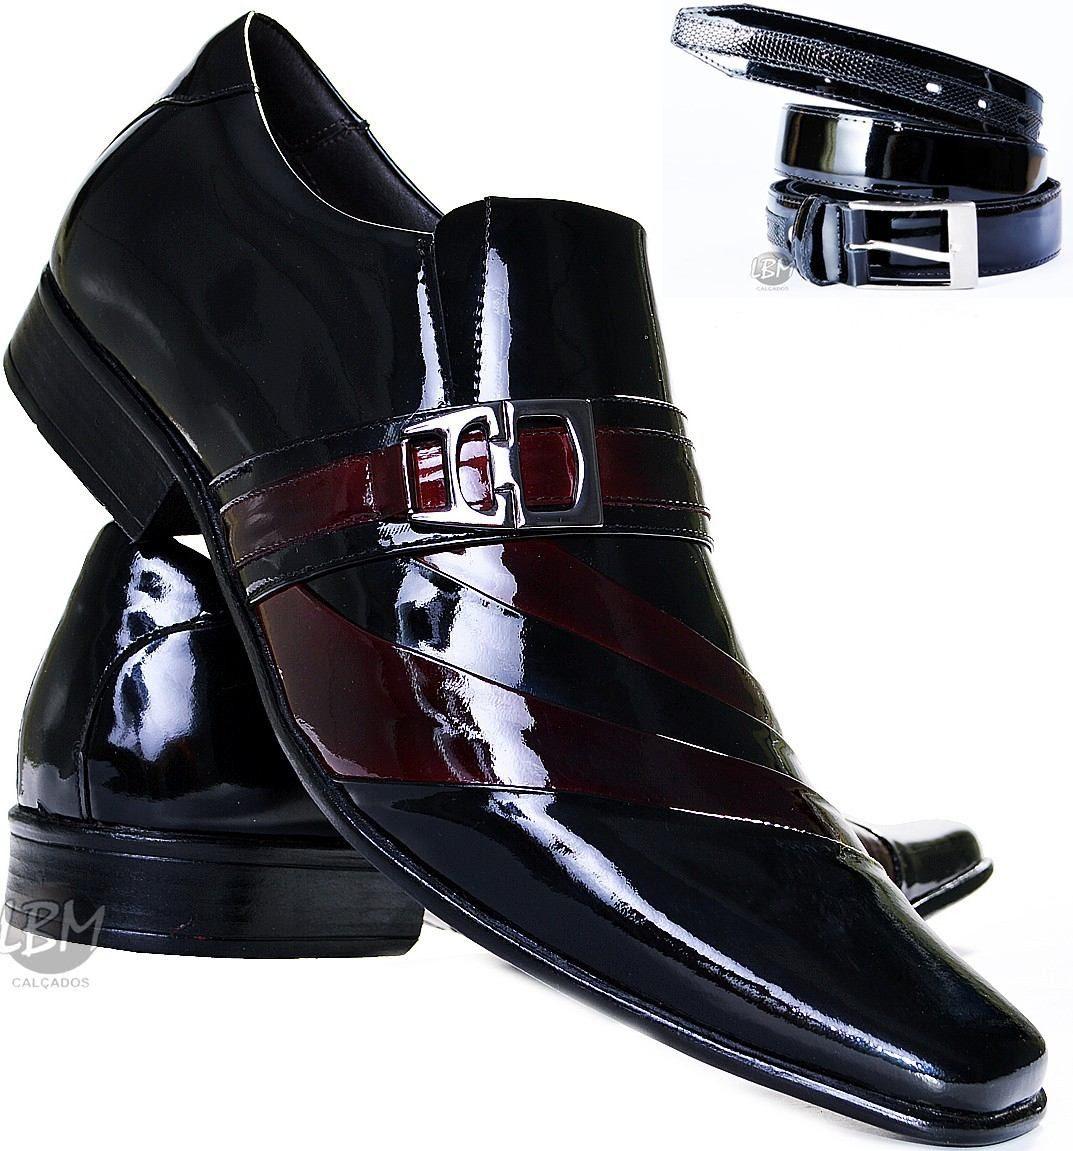 2243f4a63e sapato de verniz com cinto social masculino couro legitimo. Carregando zoom.